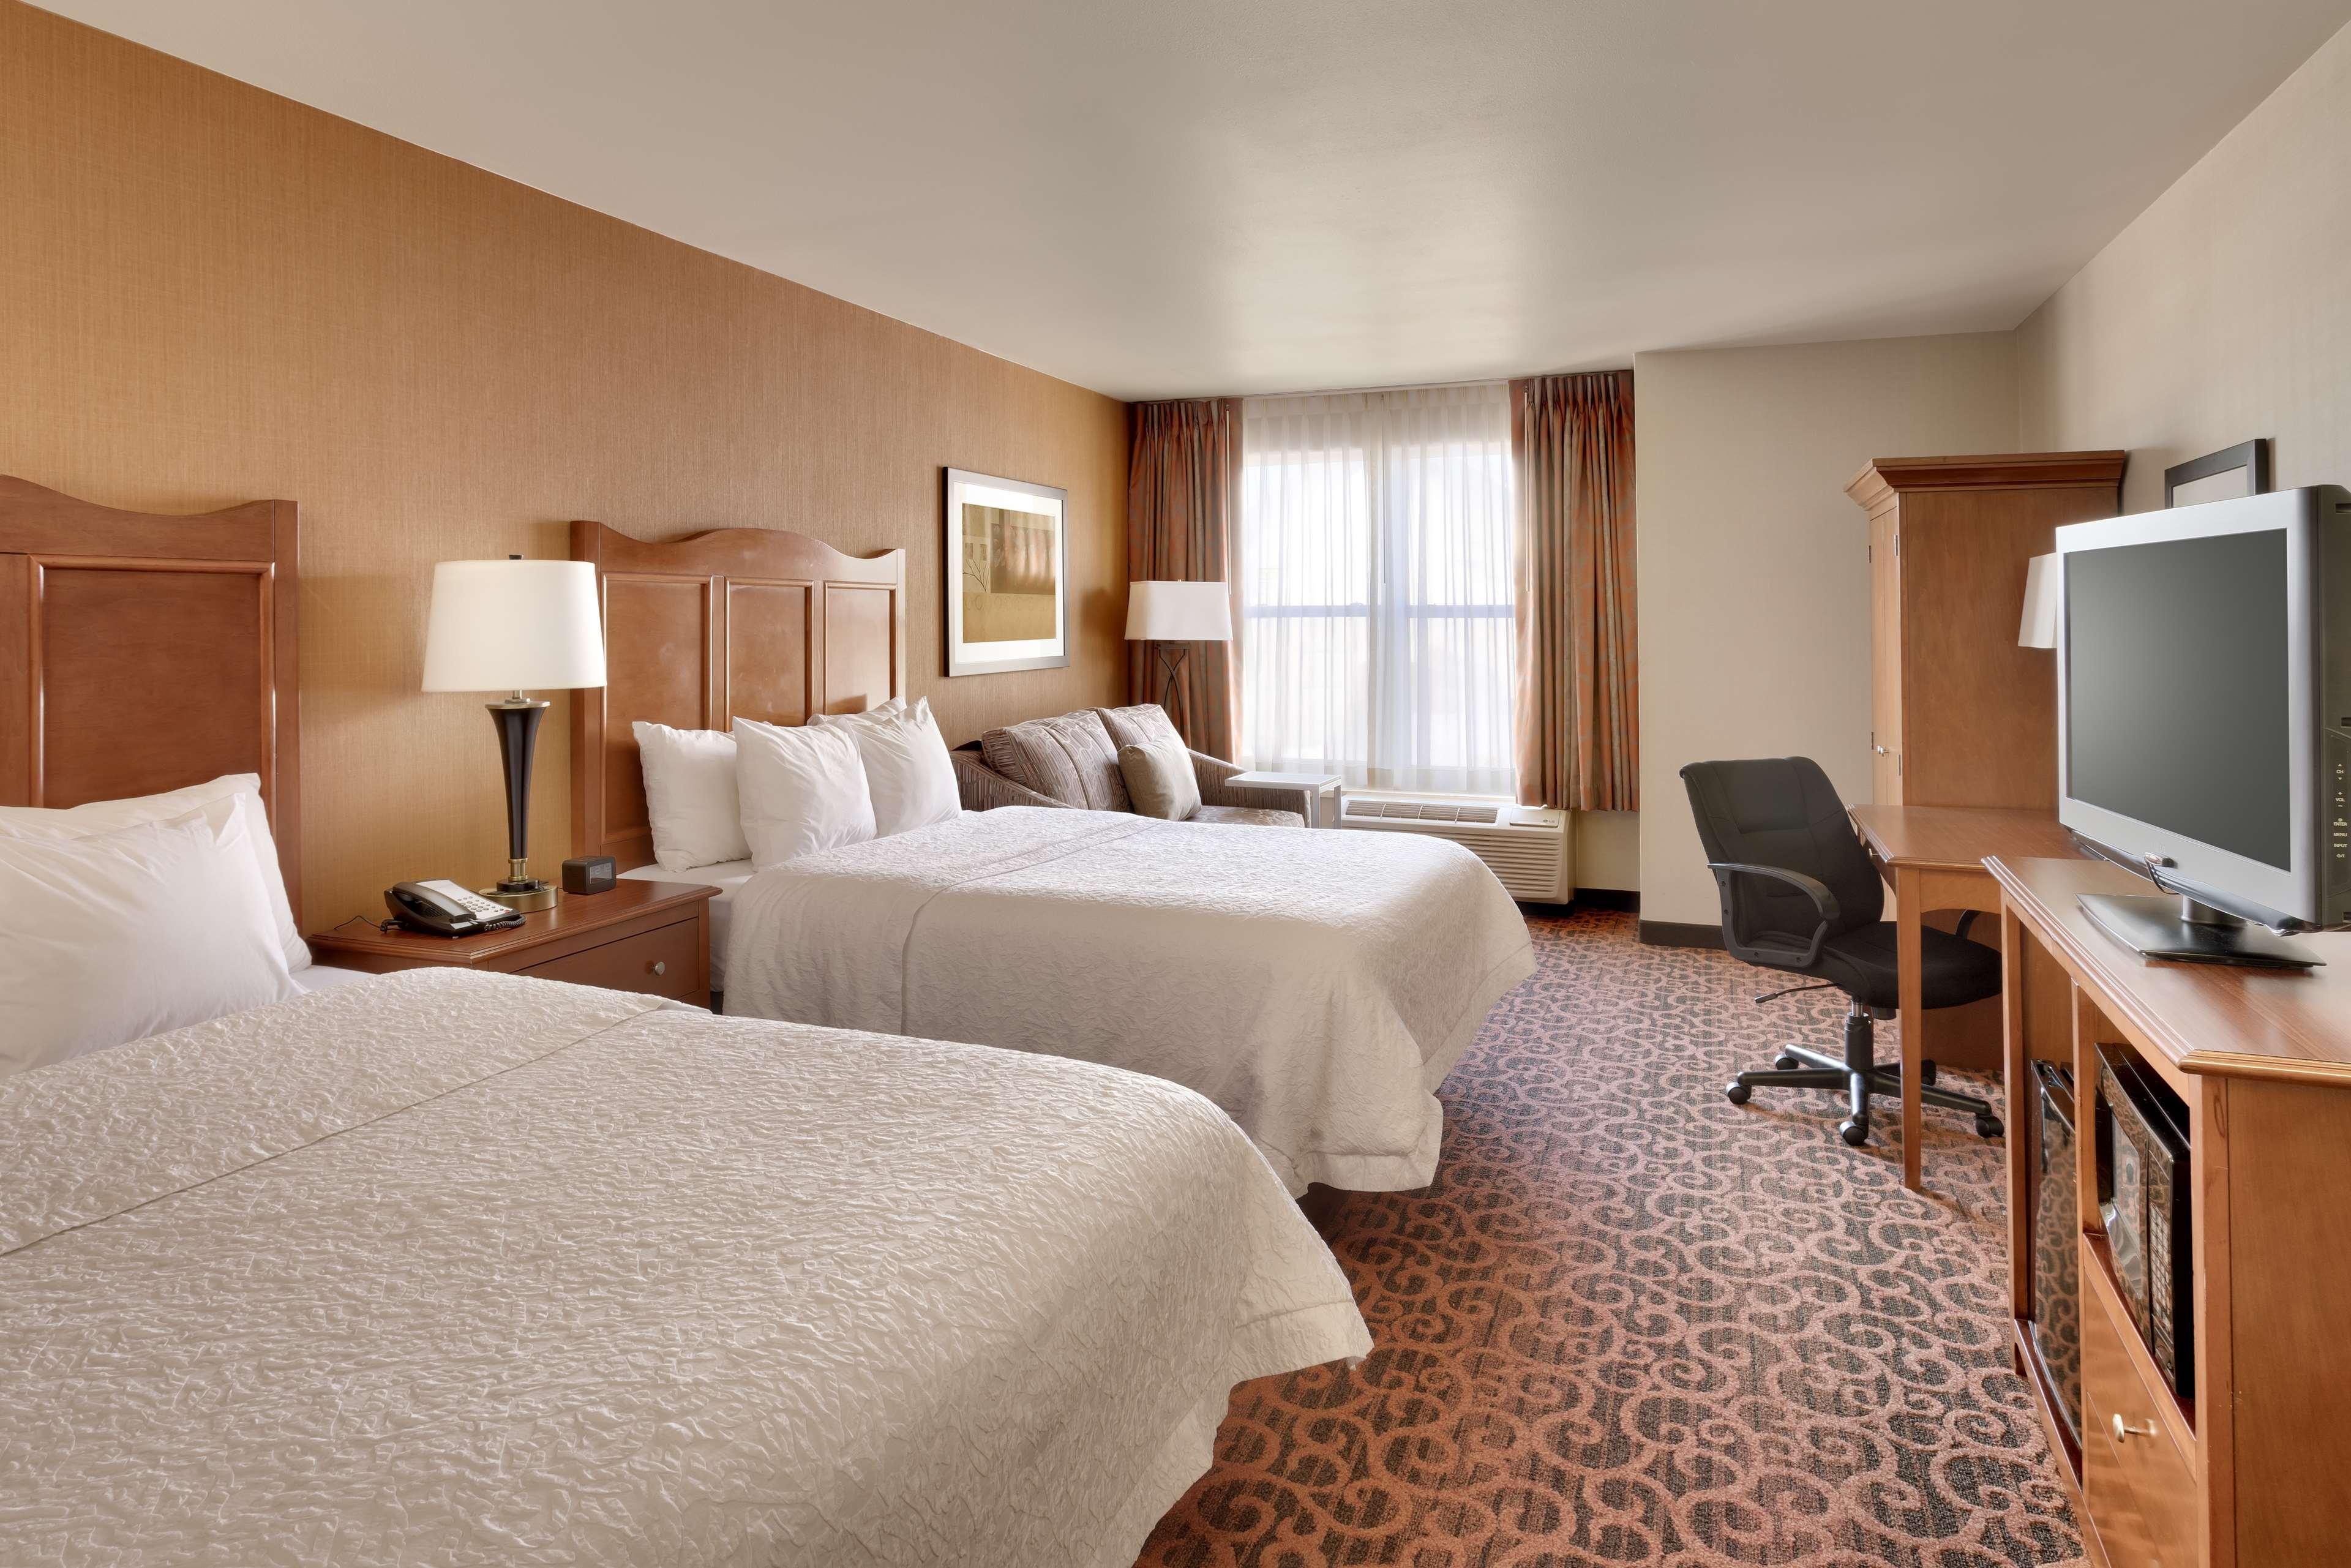 Hampton Inn & Suites Orem image 10